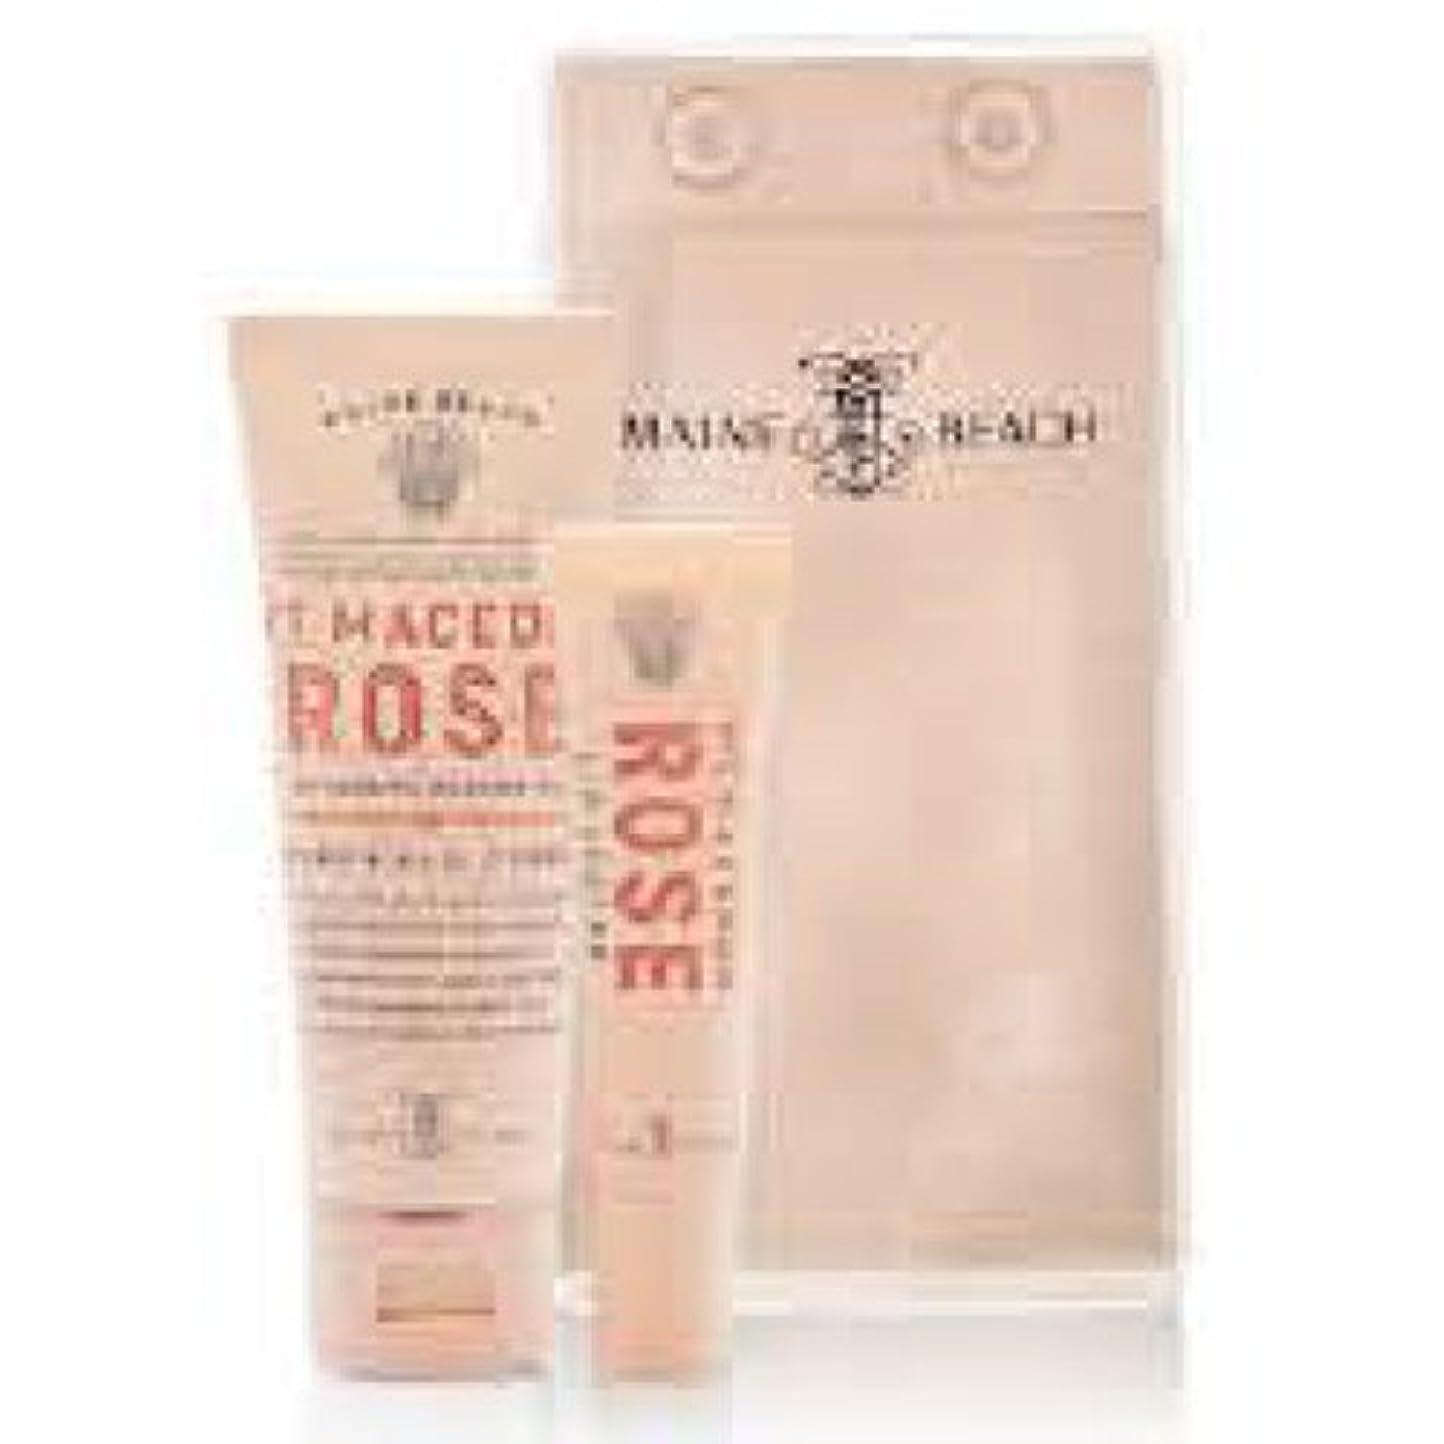 アドバイス野心無効にするMAINE BEACH マインビーチ MT MACEDON ROSE マウント マセドン ローズ Essentials DUO Pack